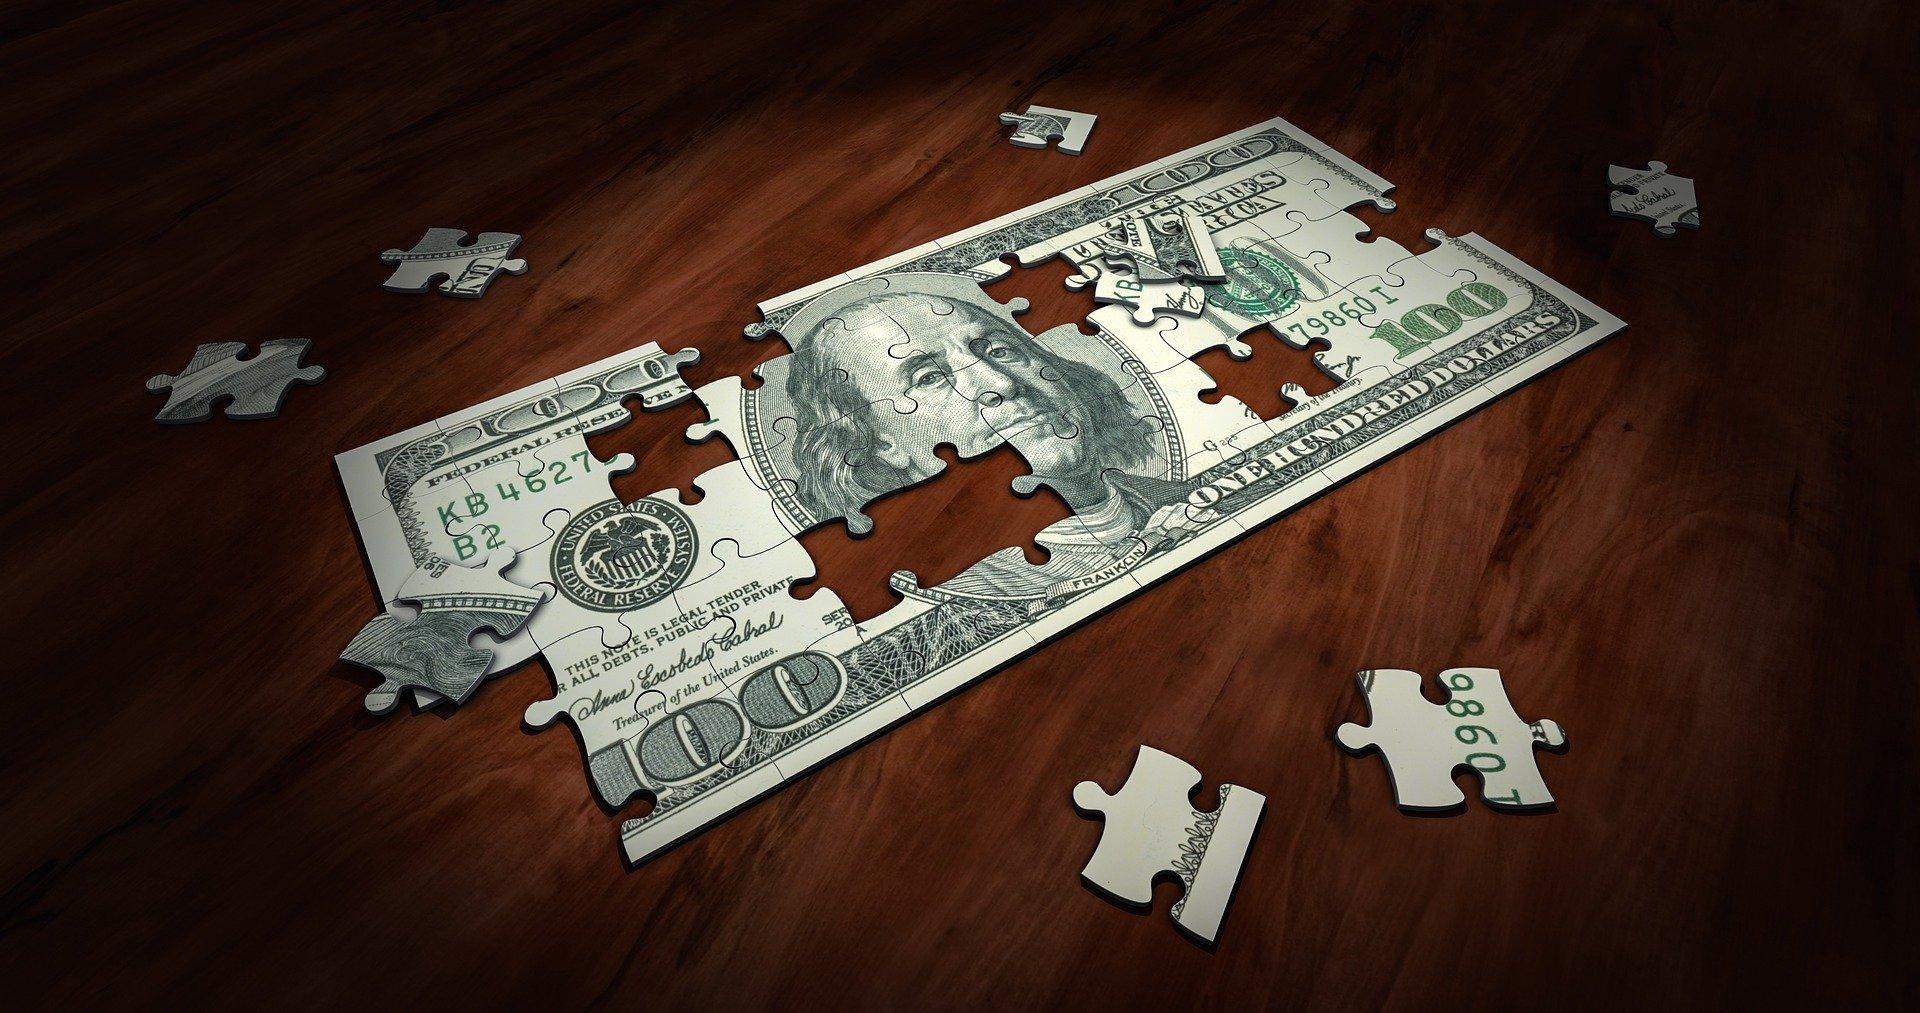 El trading, la bolsa y las emociones. El precio del dinero fácil - FIO